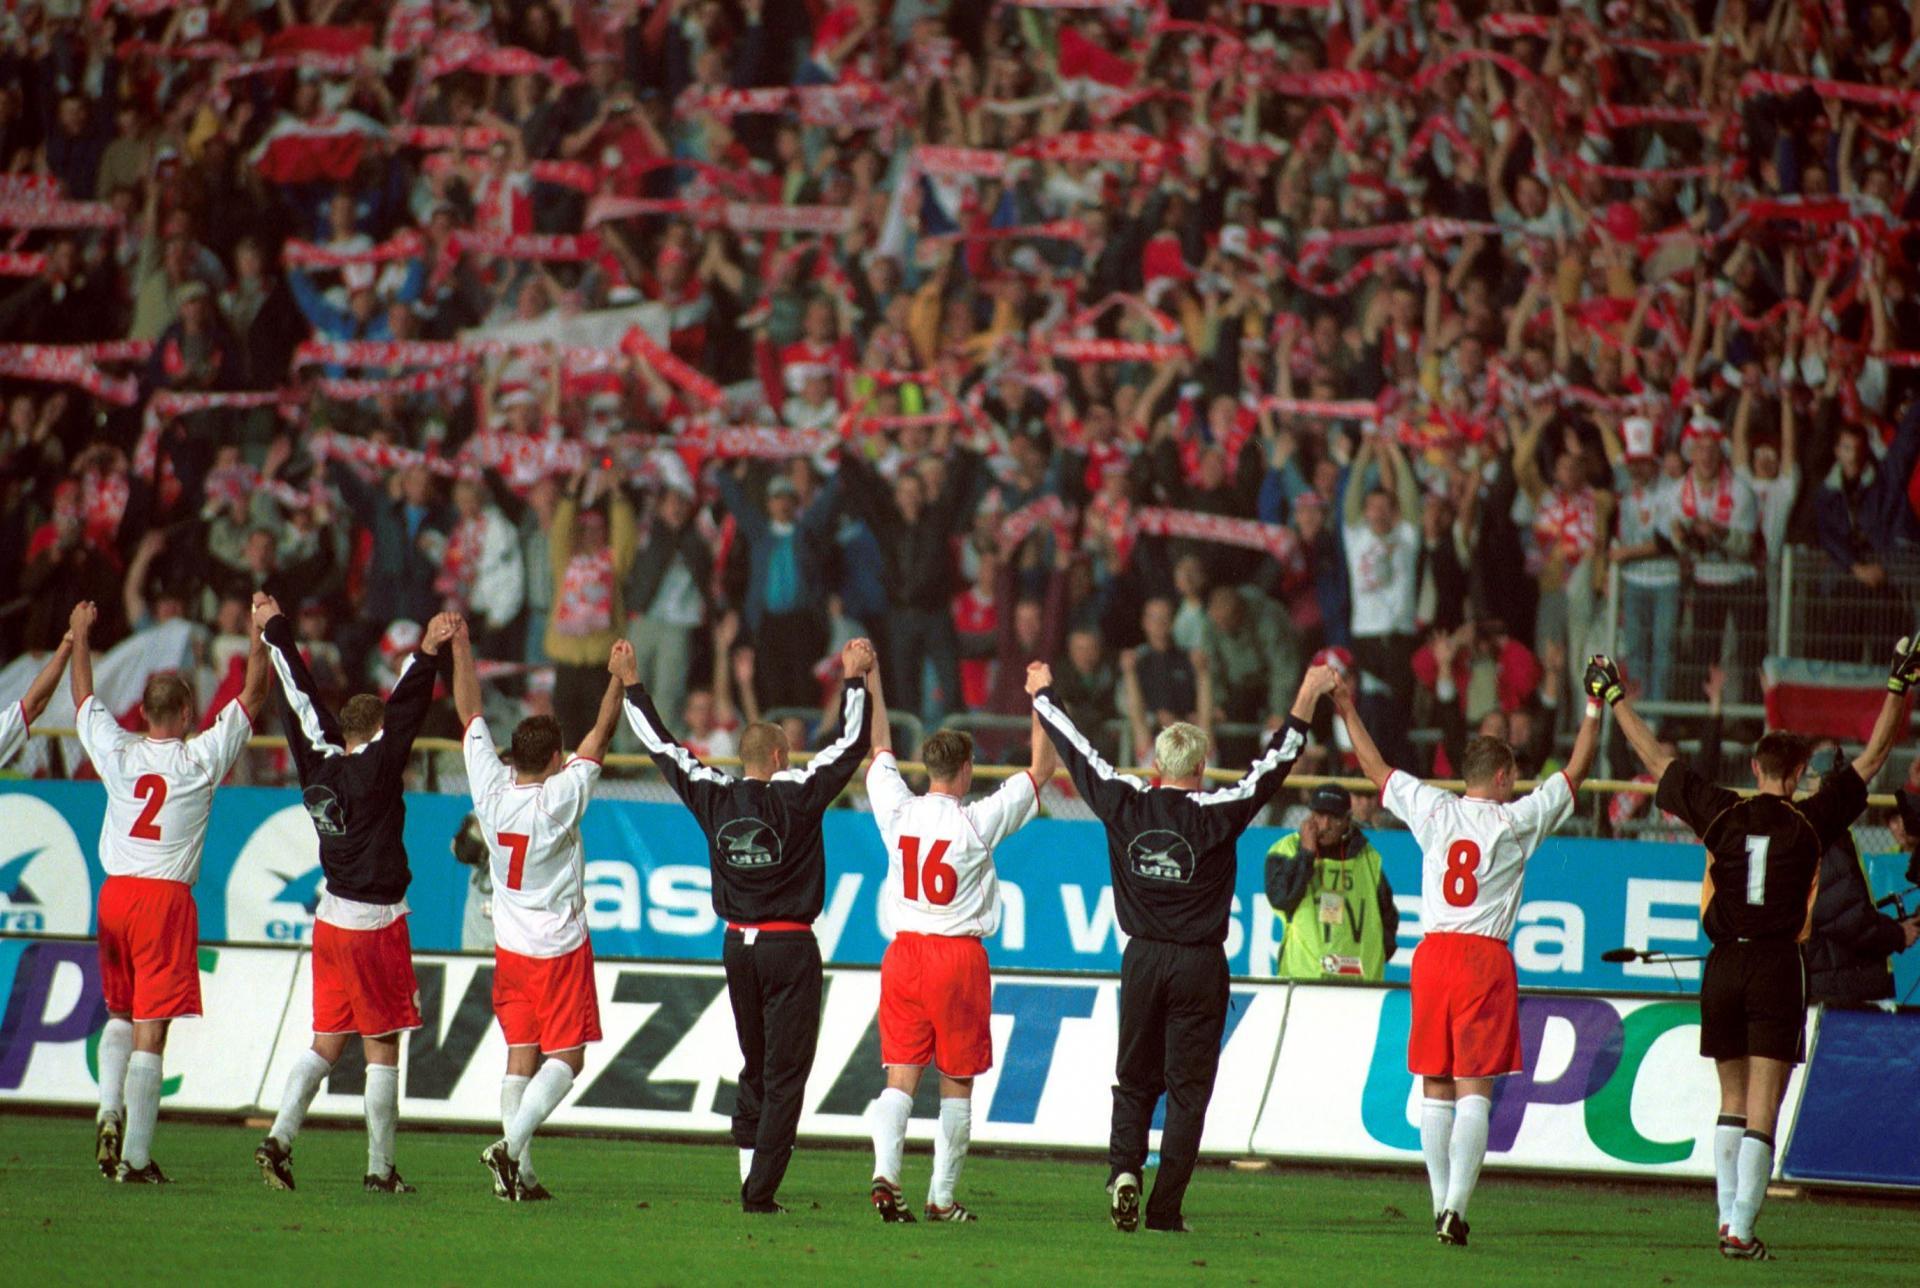 Polscy piłkarze dziękują kibicom za doping.